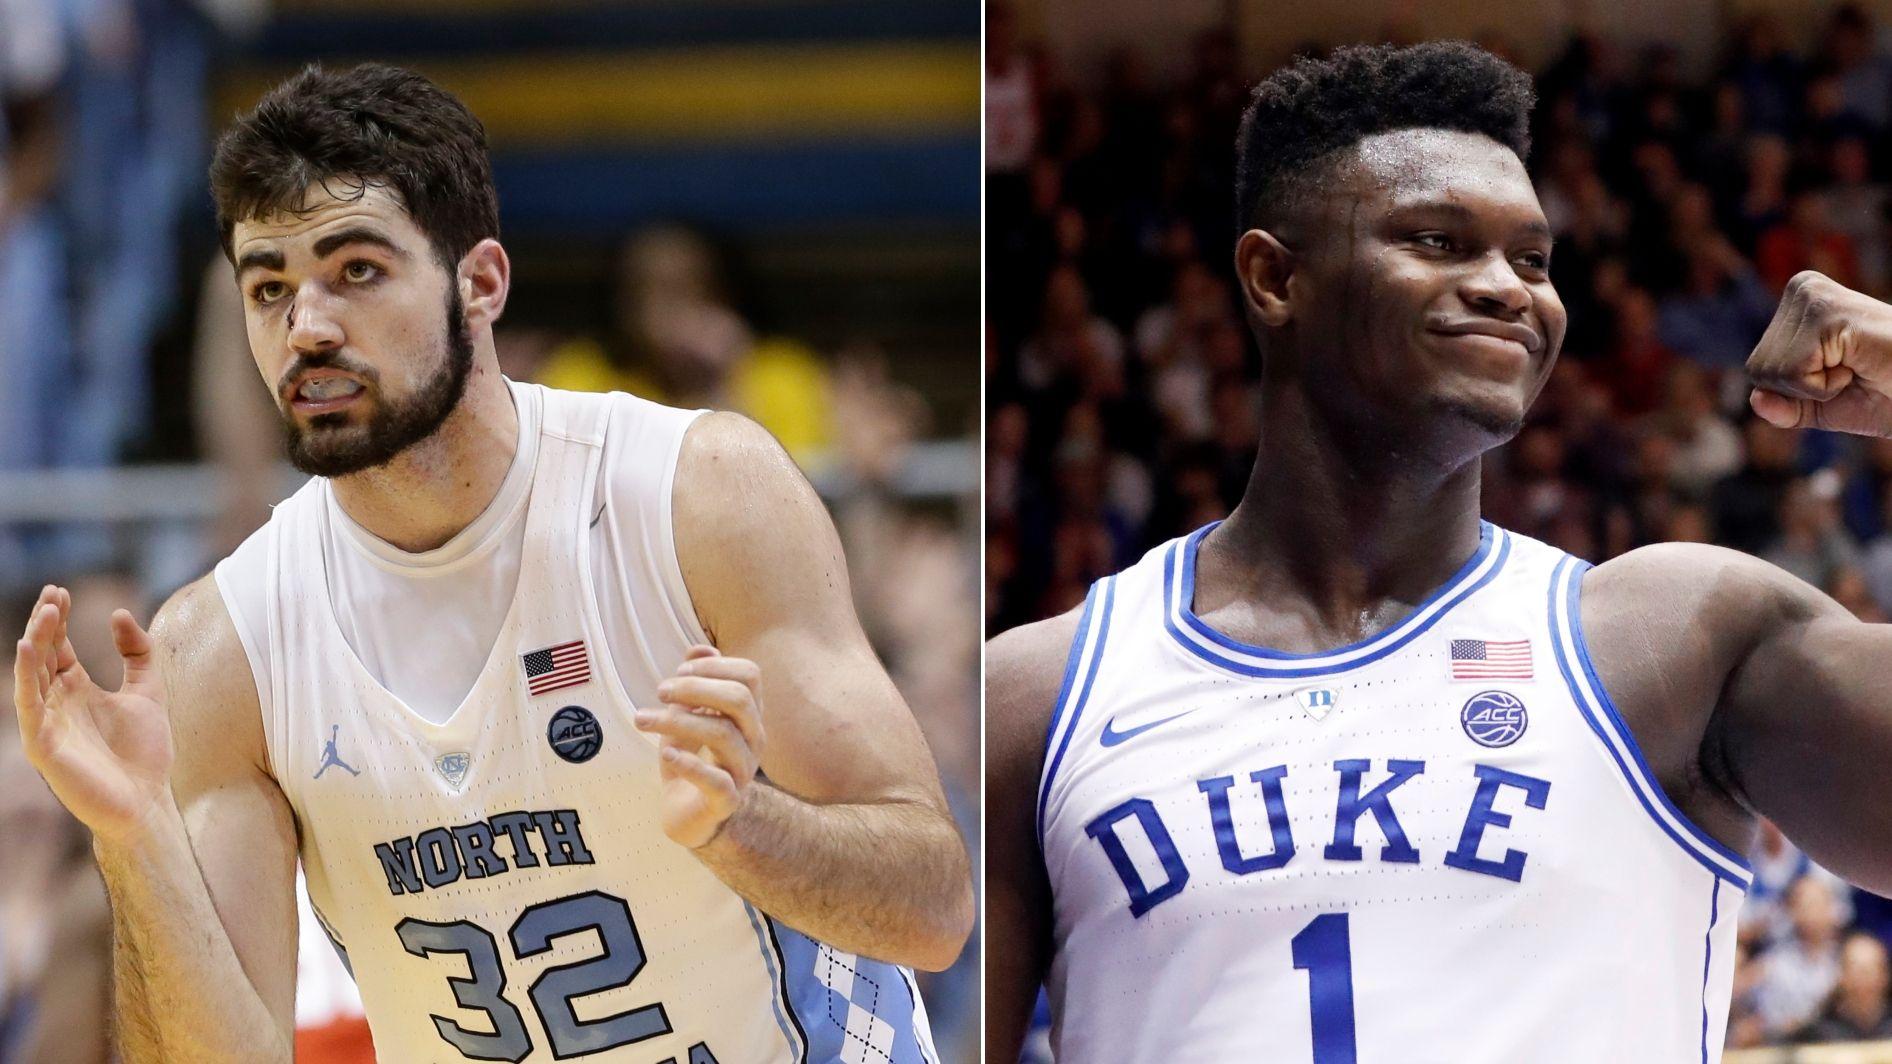 Rivals ready for battle as No. 8 North Carolina visits No. 1 Duke